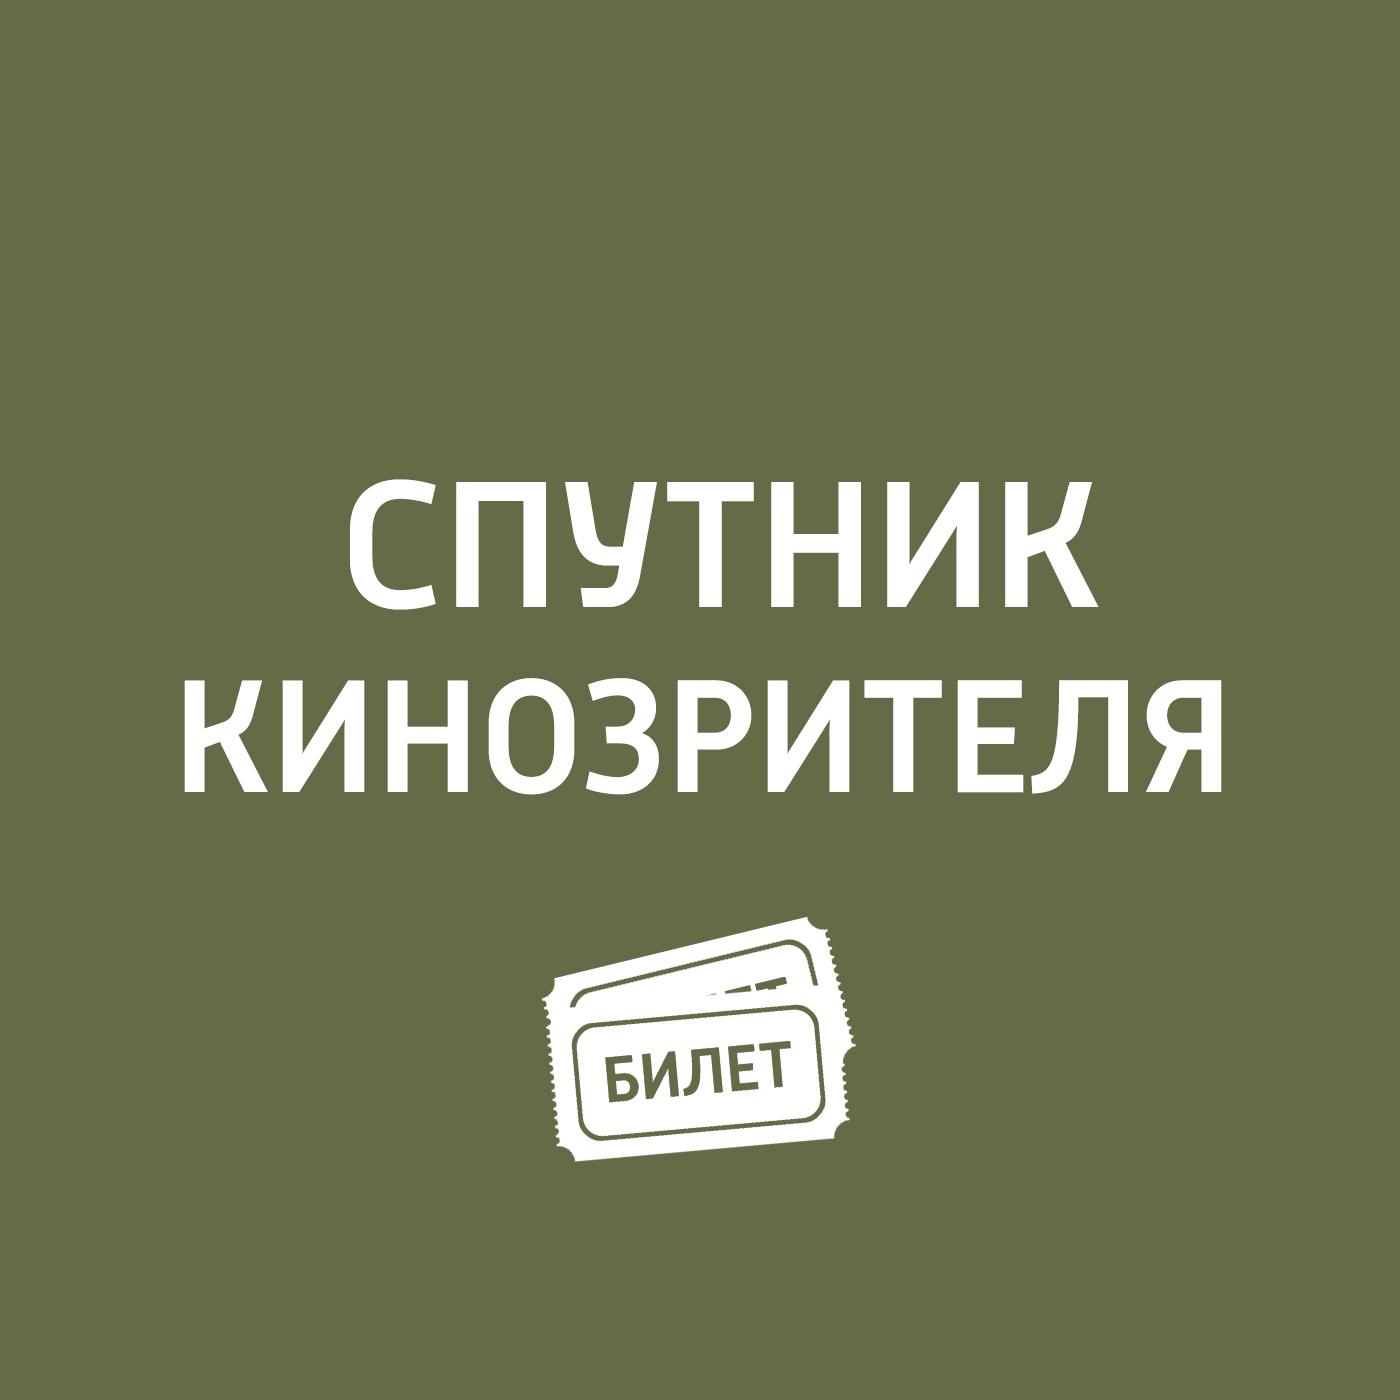 Антон Долин Премьеры: «Ла-Ла Ленд», «Закон ночи», «По Млечному Пути»